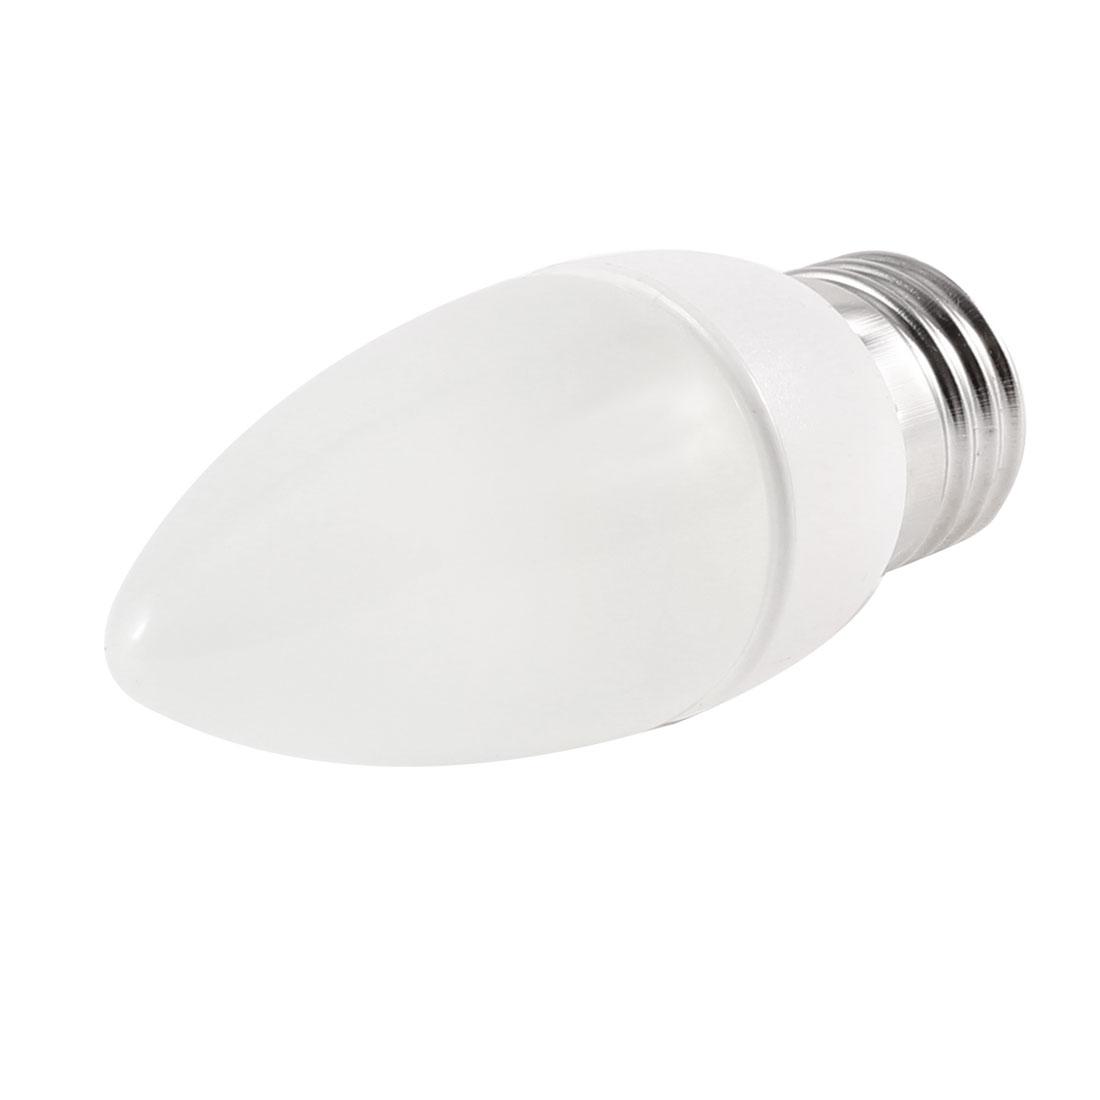 Hallway Decorative 2W 6500K 220V E27 Socket White LED Candle Bulb